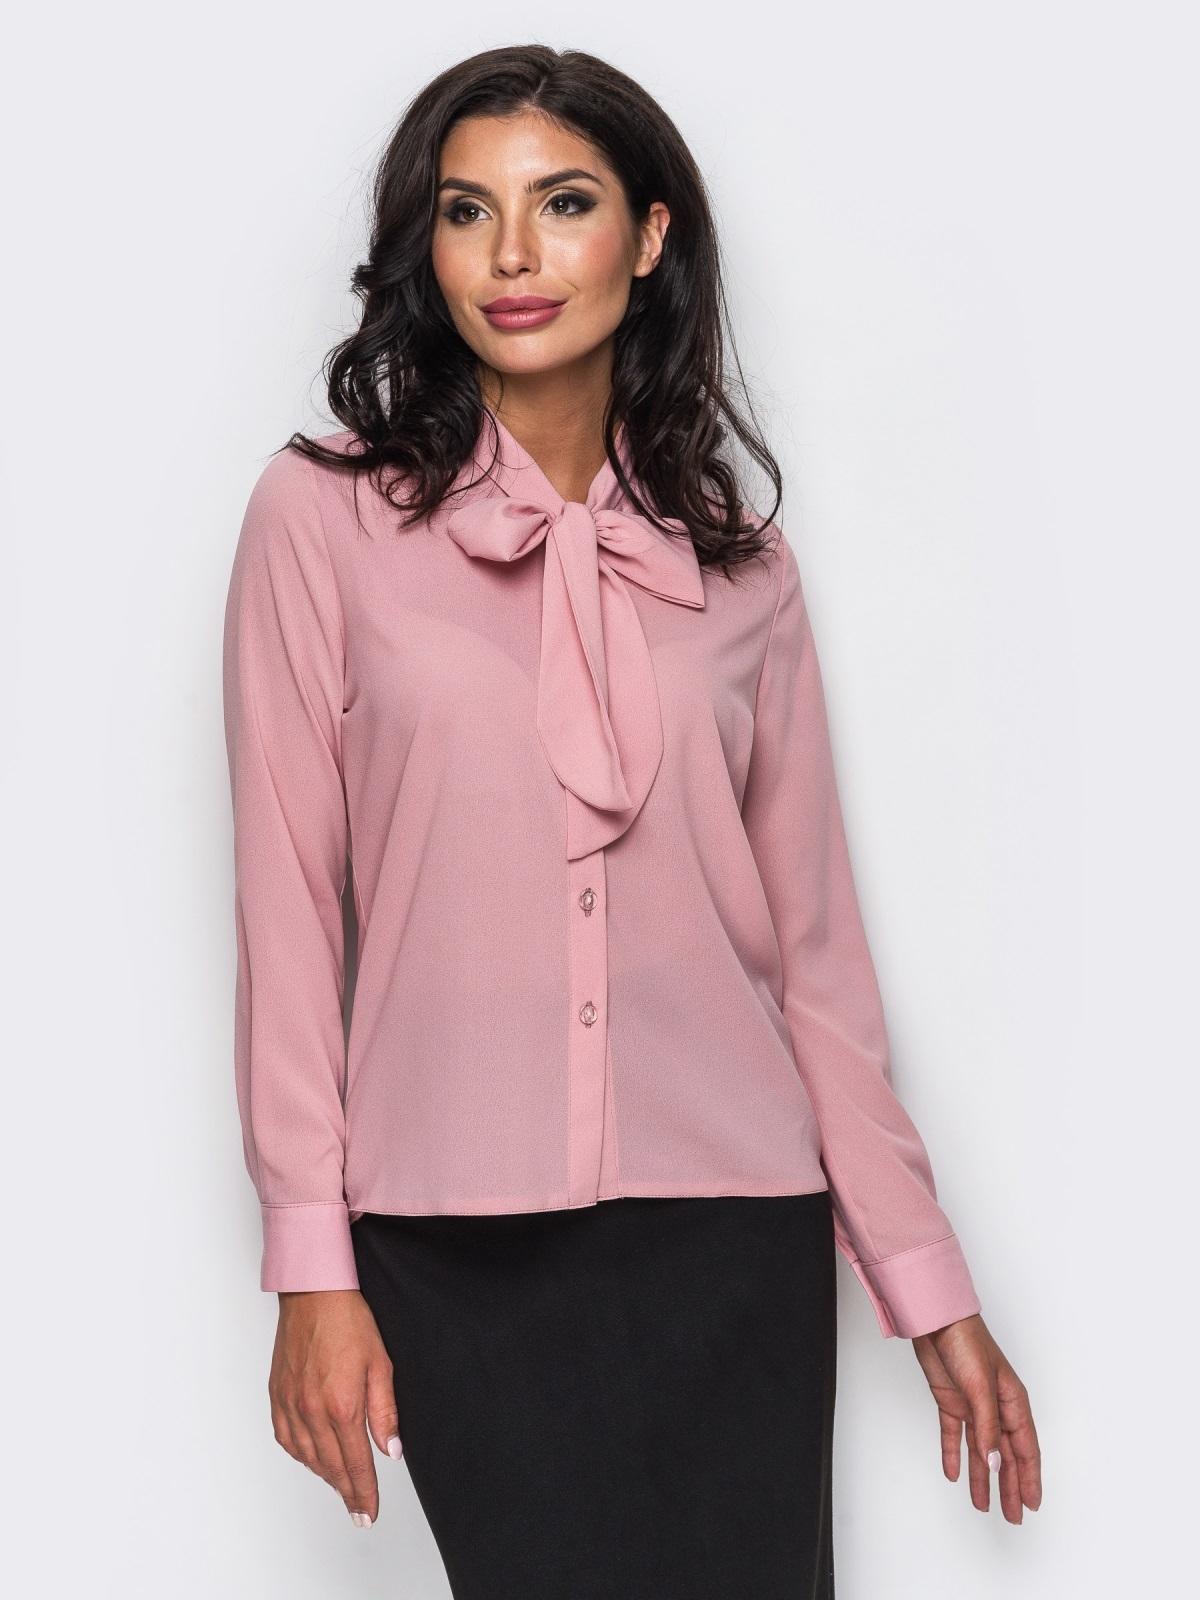 Блузка с воротником, переходящим в бант розовая - 12214, фото 1 – интернет-магазин Dressa